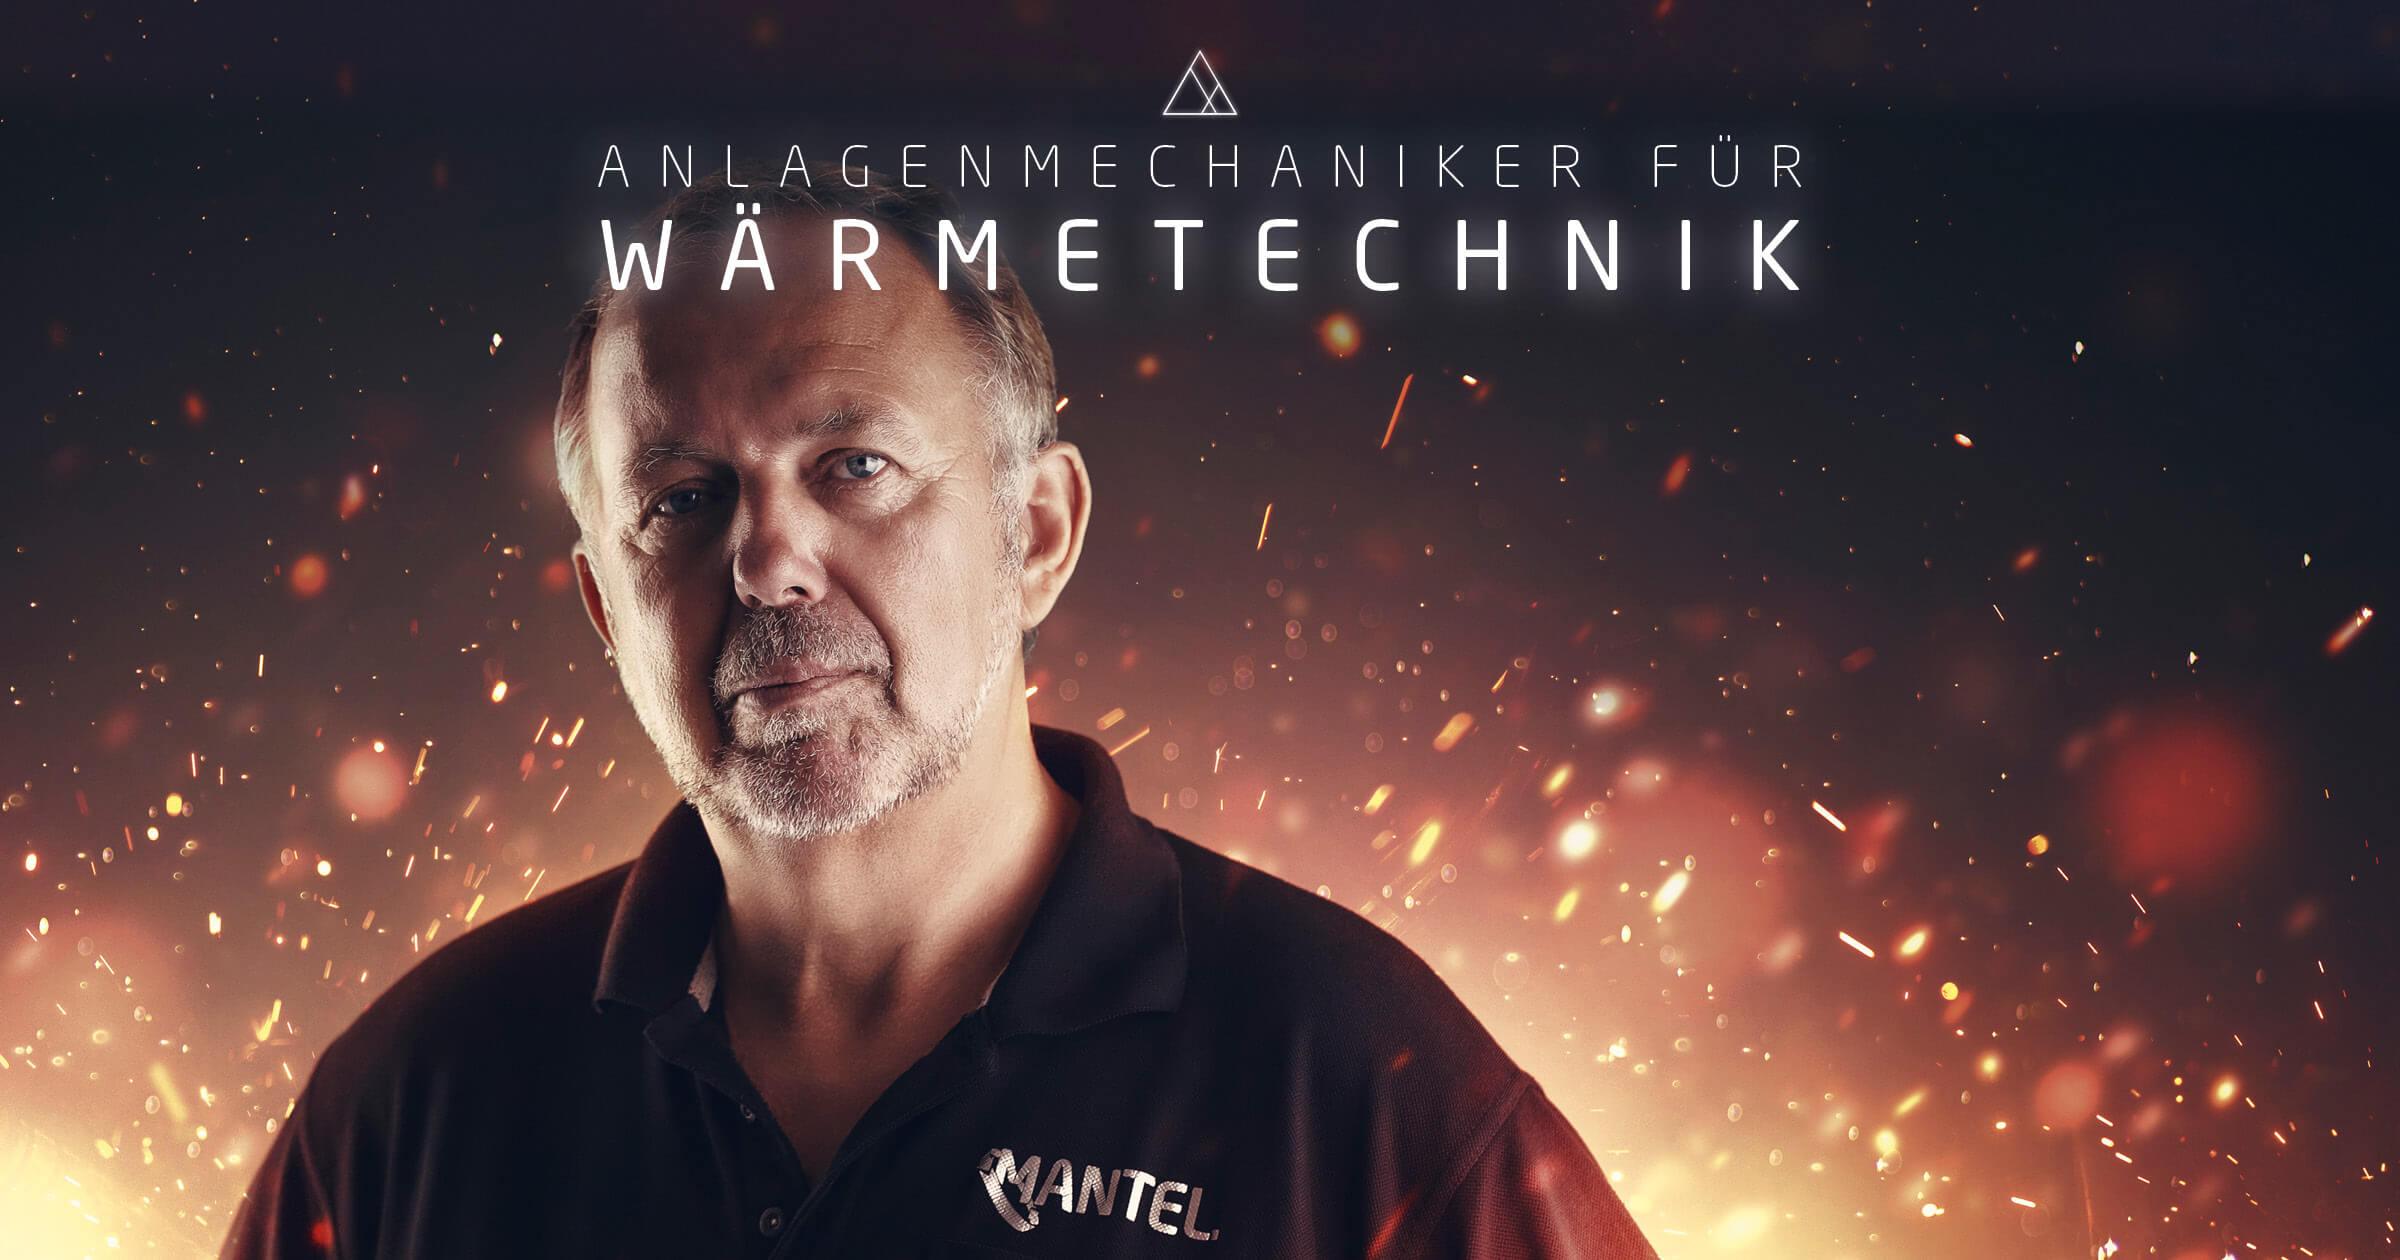 Anlagenmechaniker für Wärmetechnik